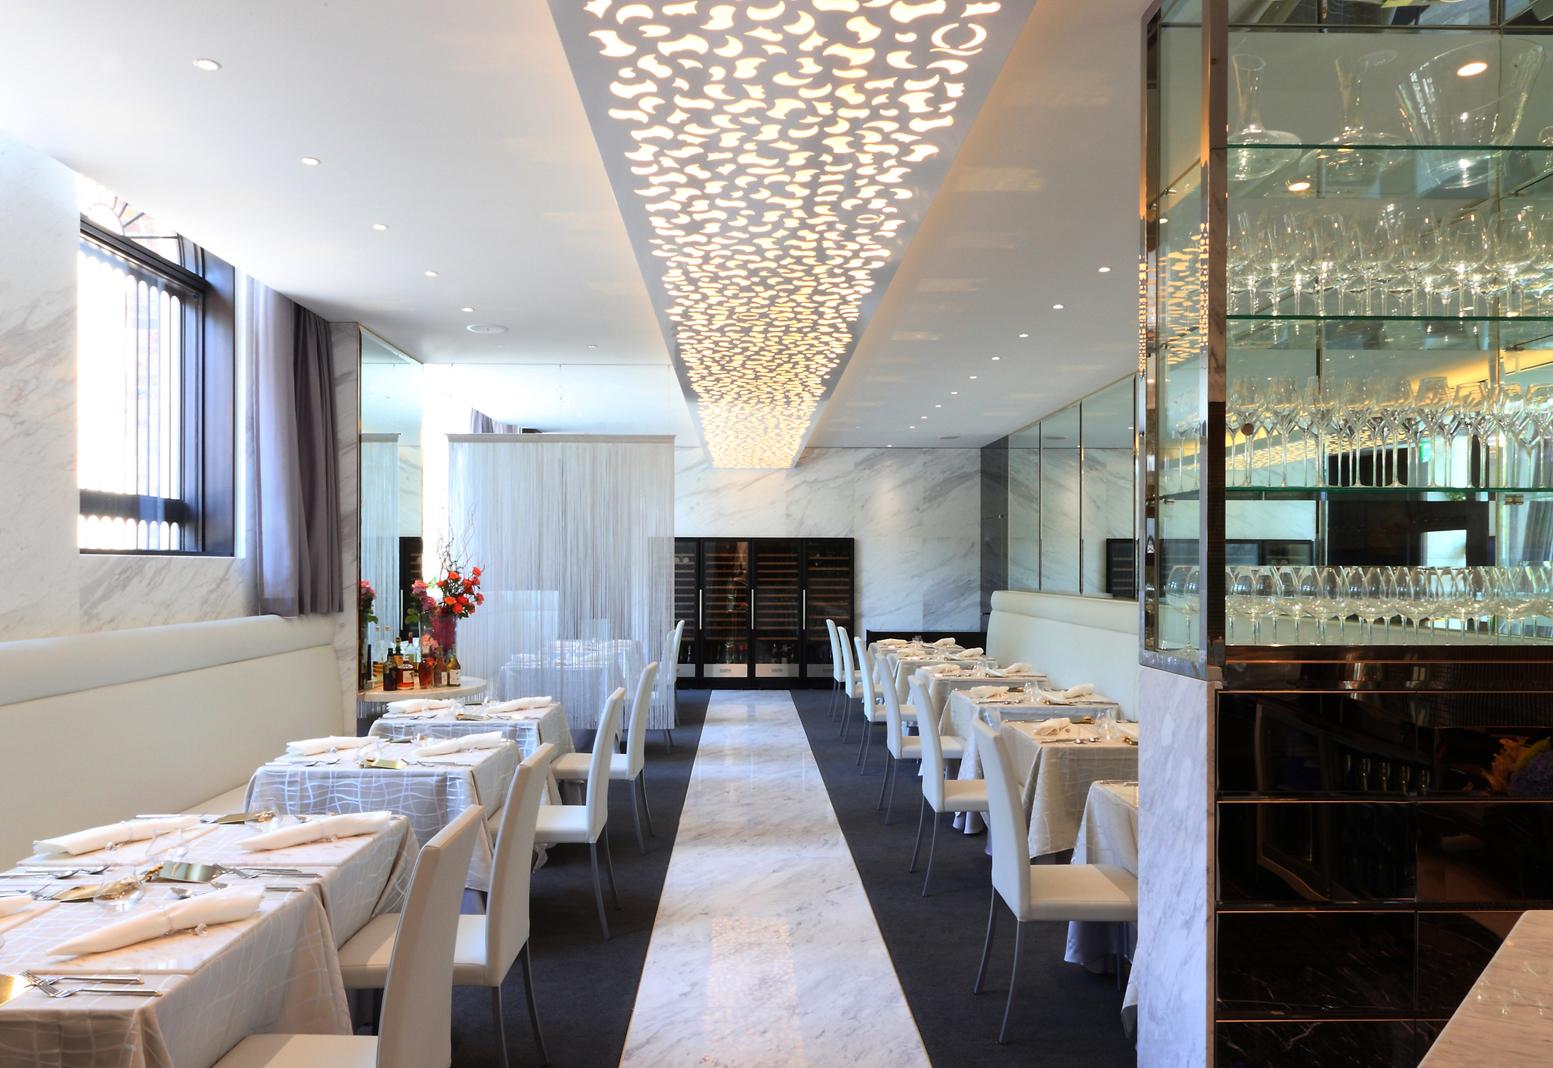 飲食店 :歴史的建造物(大正時代建造)の再開発内テナントのインテリアデザイン